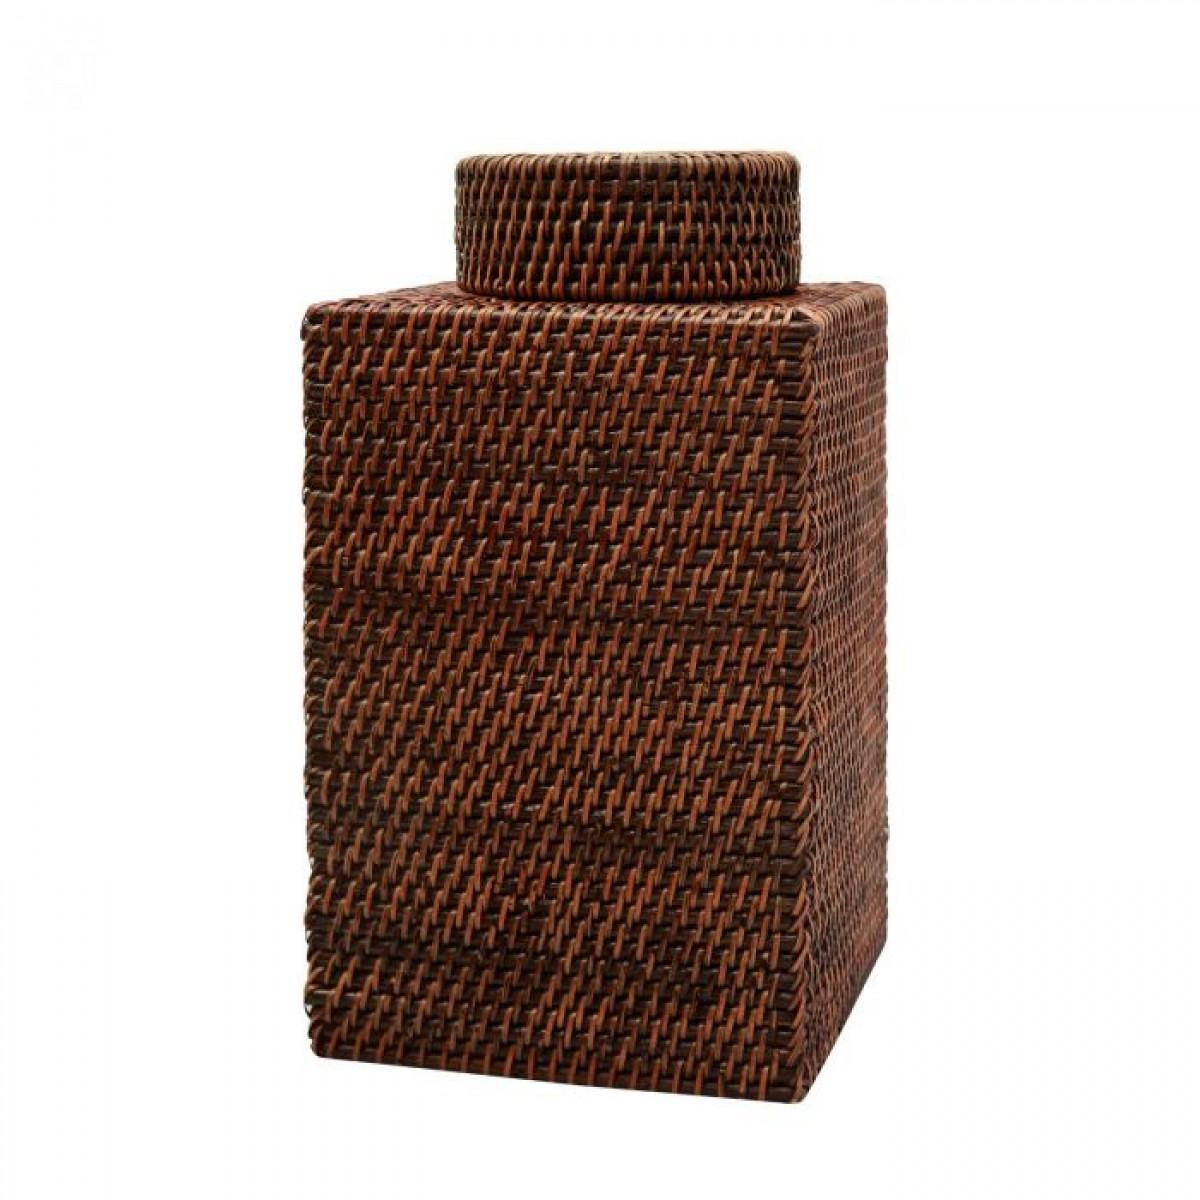 Vases & Jars 17931